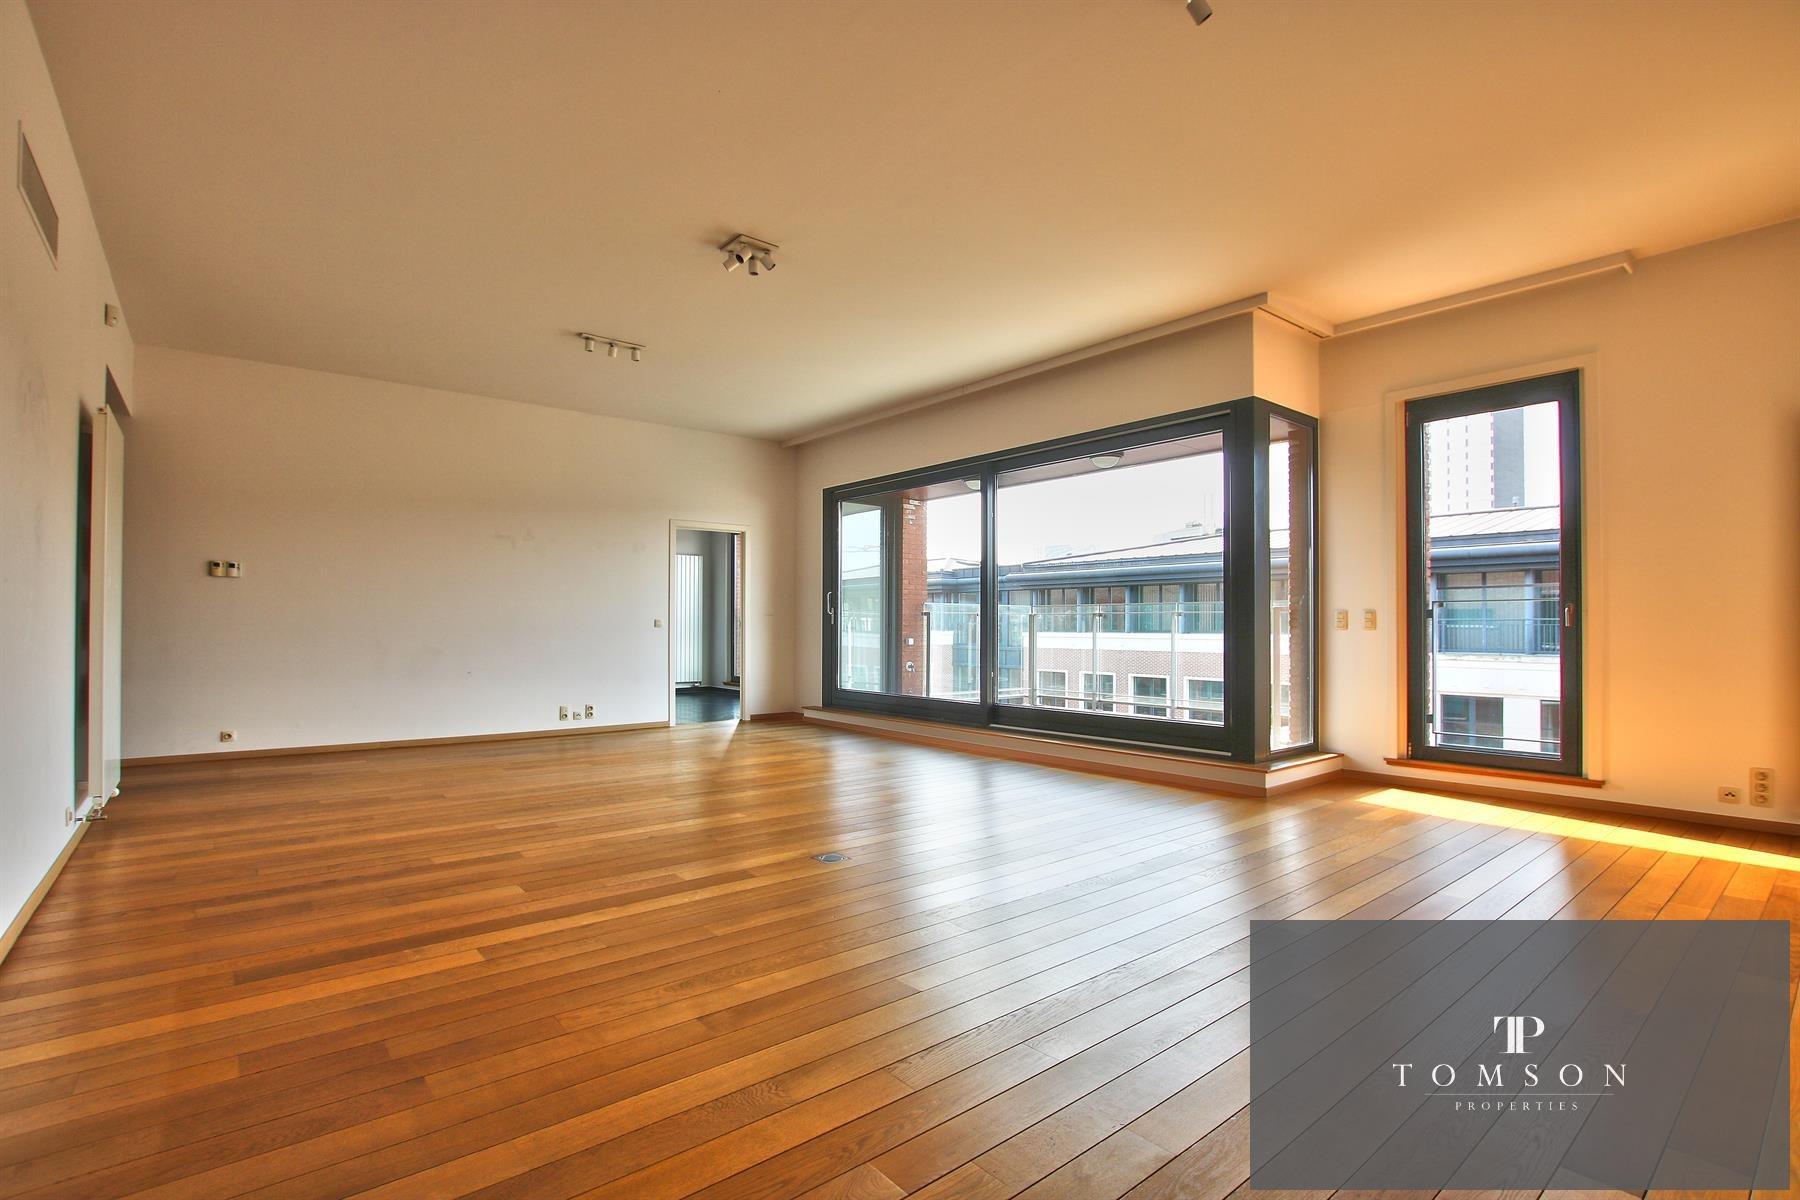 Appartement exceptionnel - Bruxelles - #4420866-3